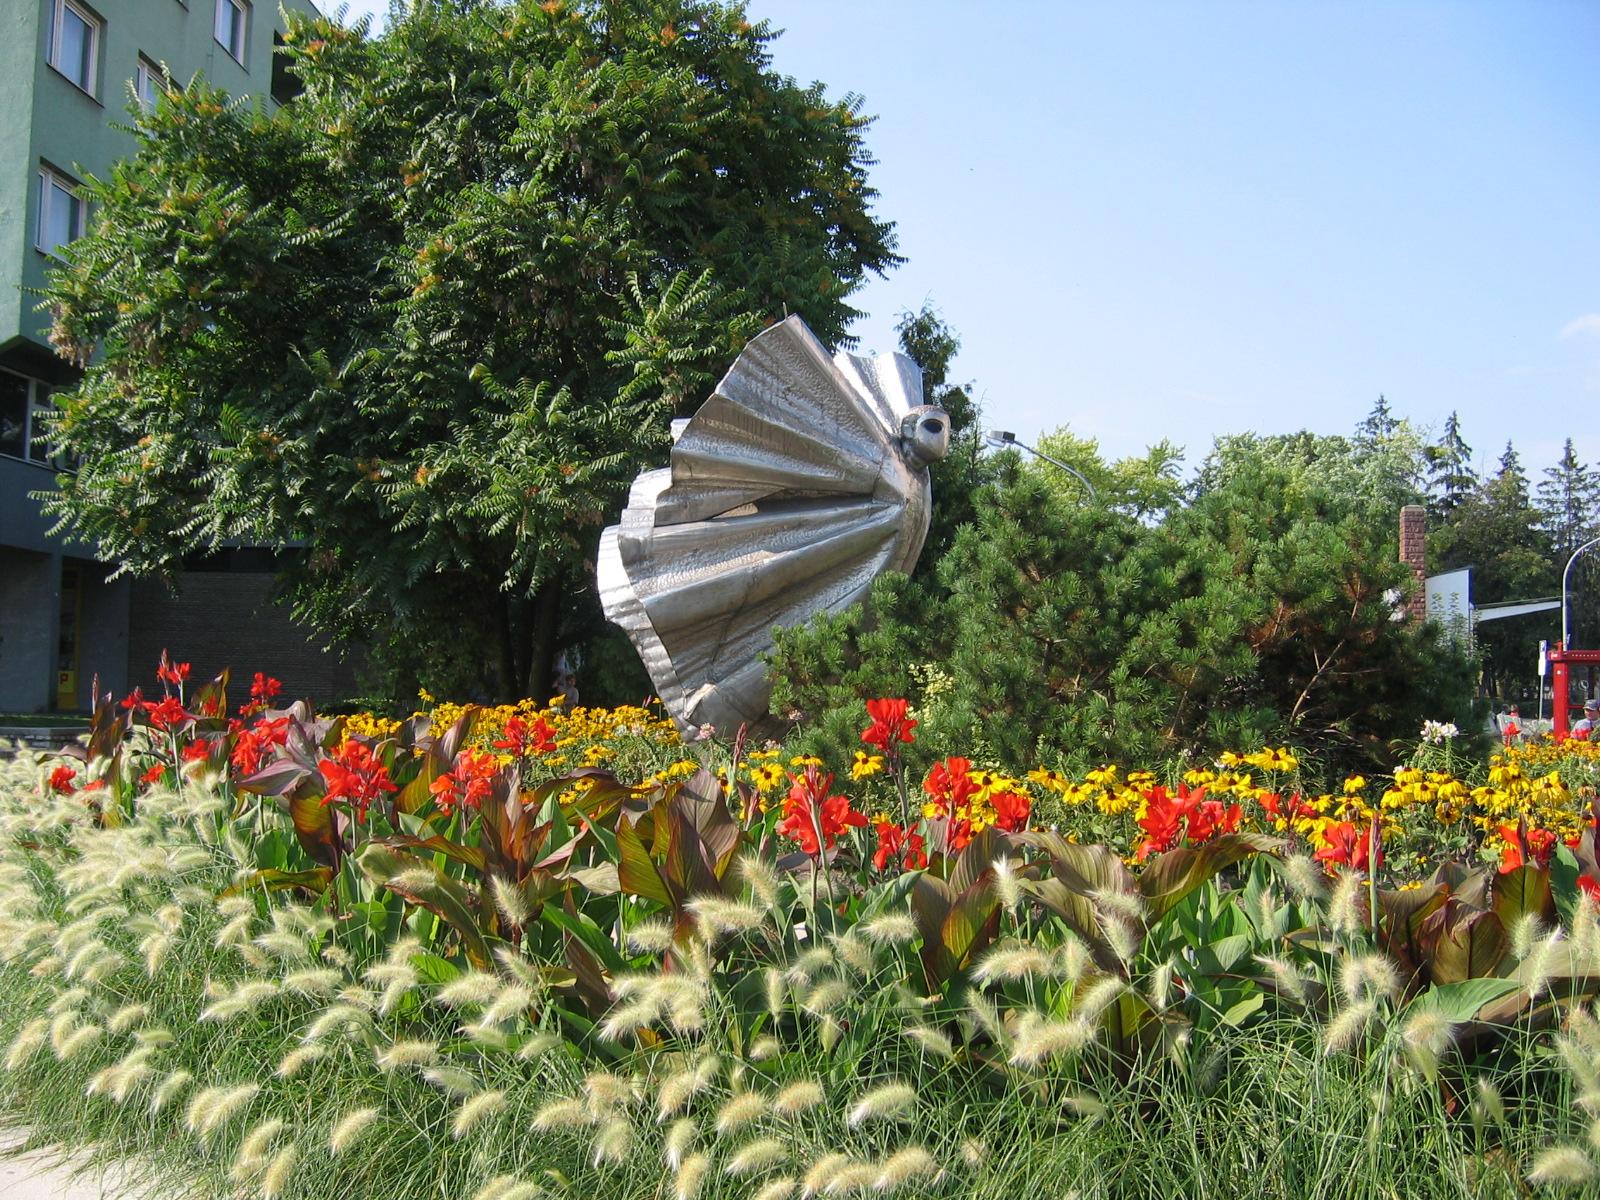 Ursprünglich eine Fontäne, die Skulptur heißt Metamorphose, wird aber oft als Monster bezeichnet